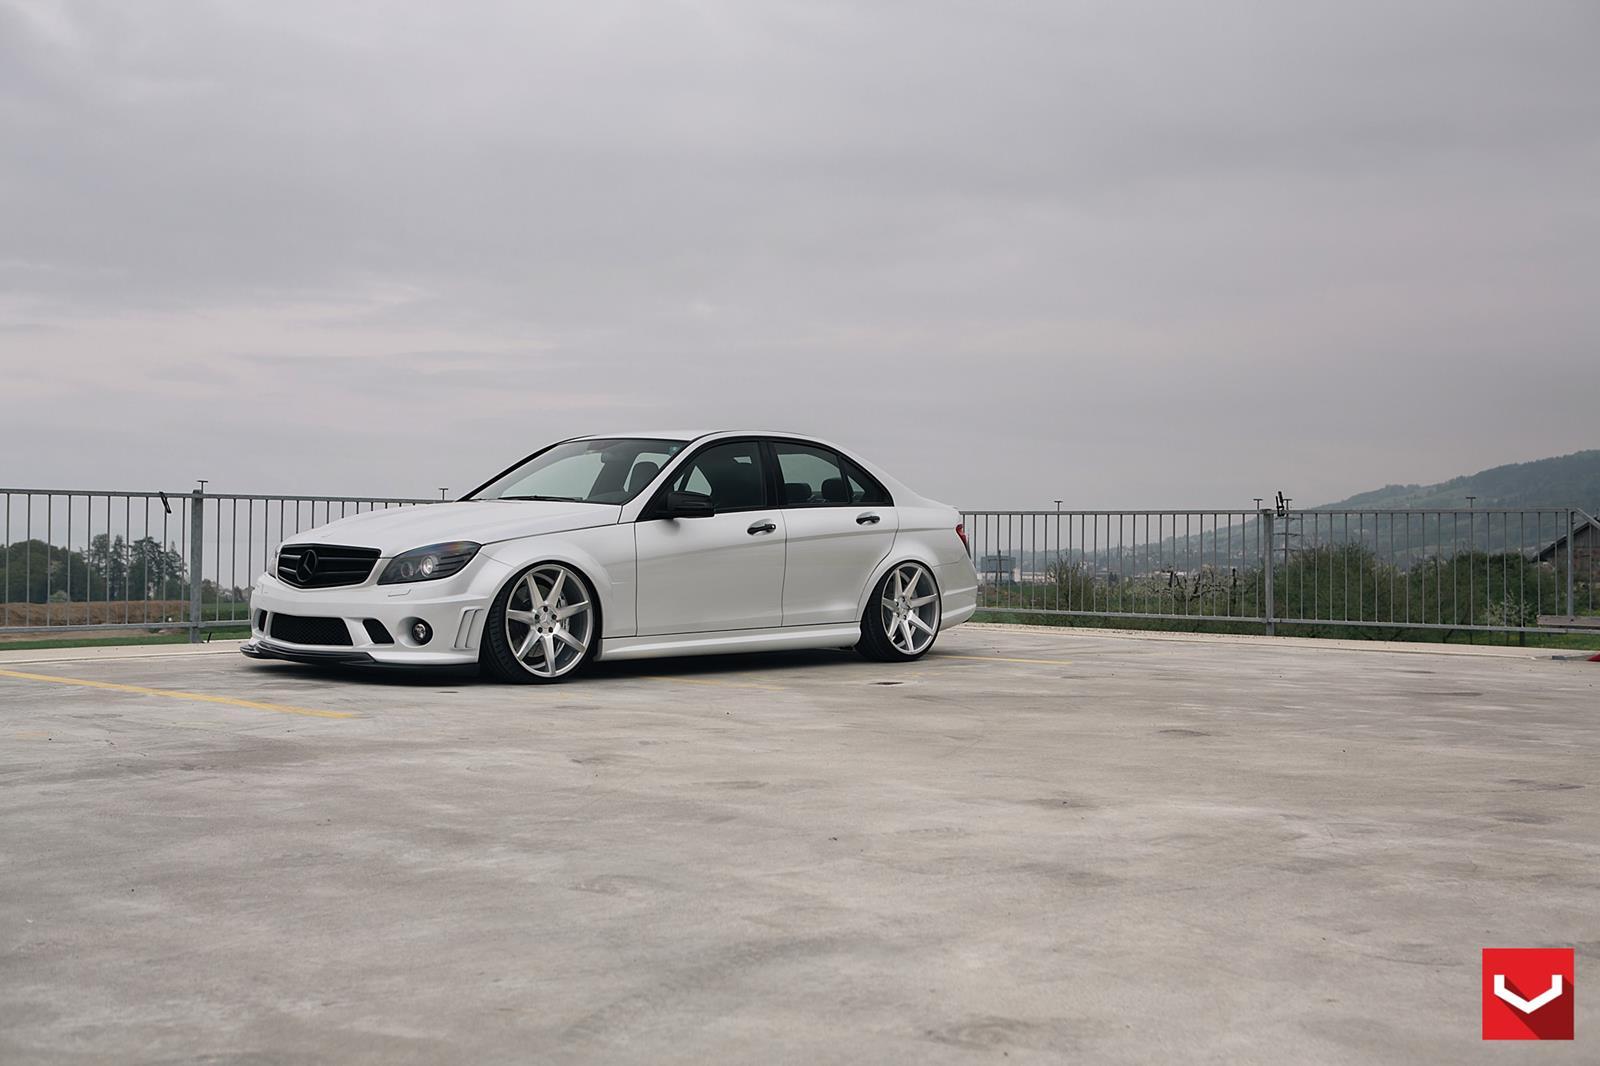 Mercedes benz c class vossen cv7 vossen wheels for Mercedes benz c class rims